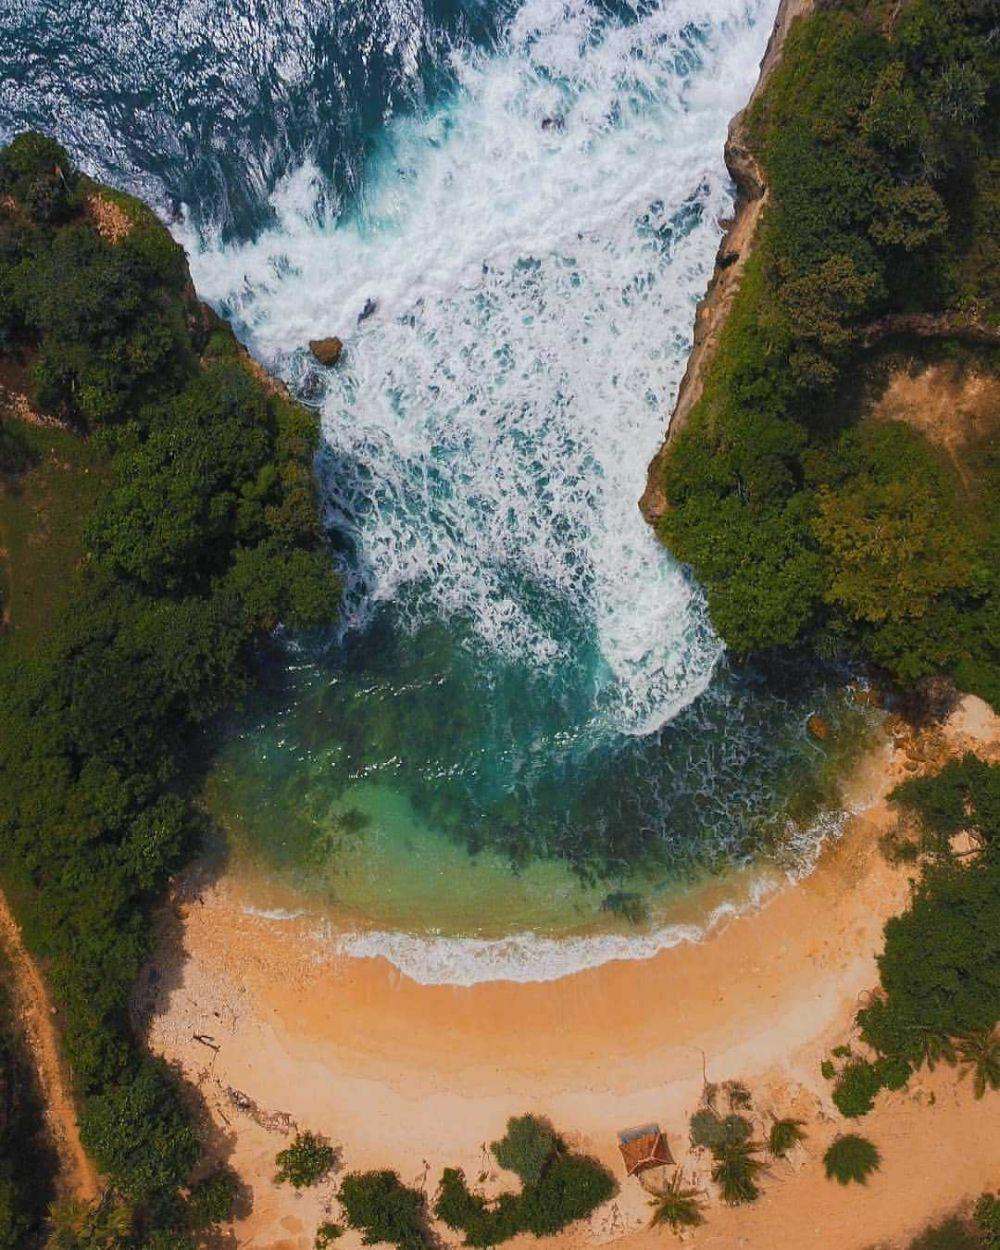 9 Wisata Pantai Cantik di Malang yang Siap untuk Dijelajahi